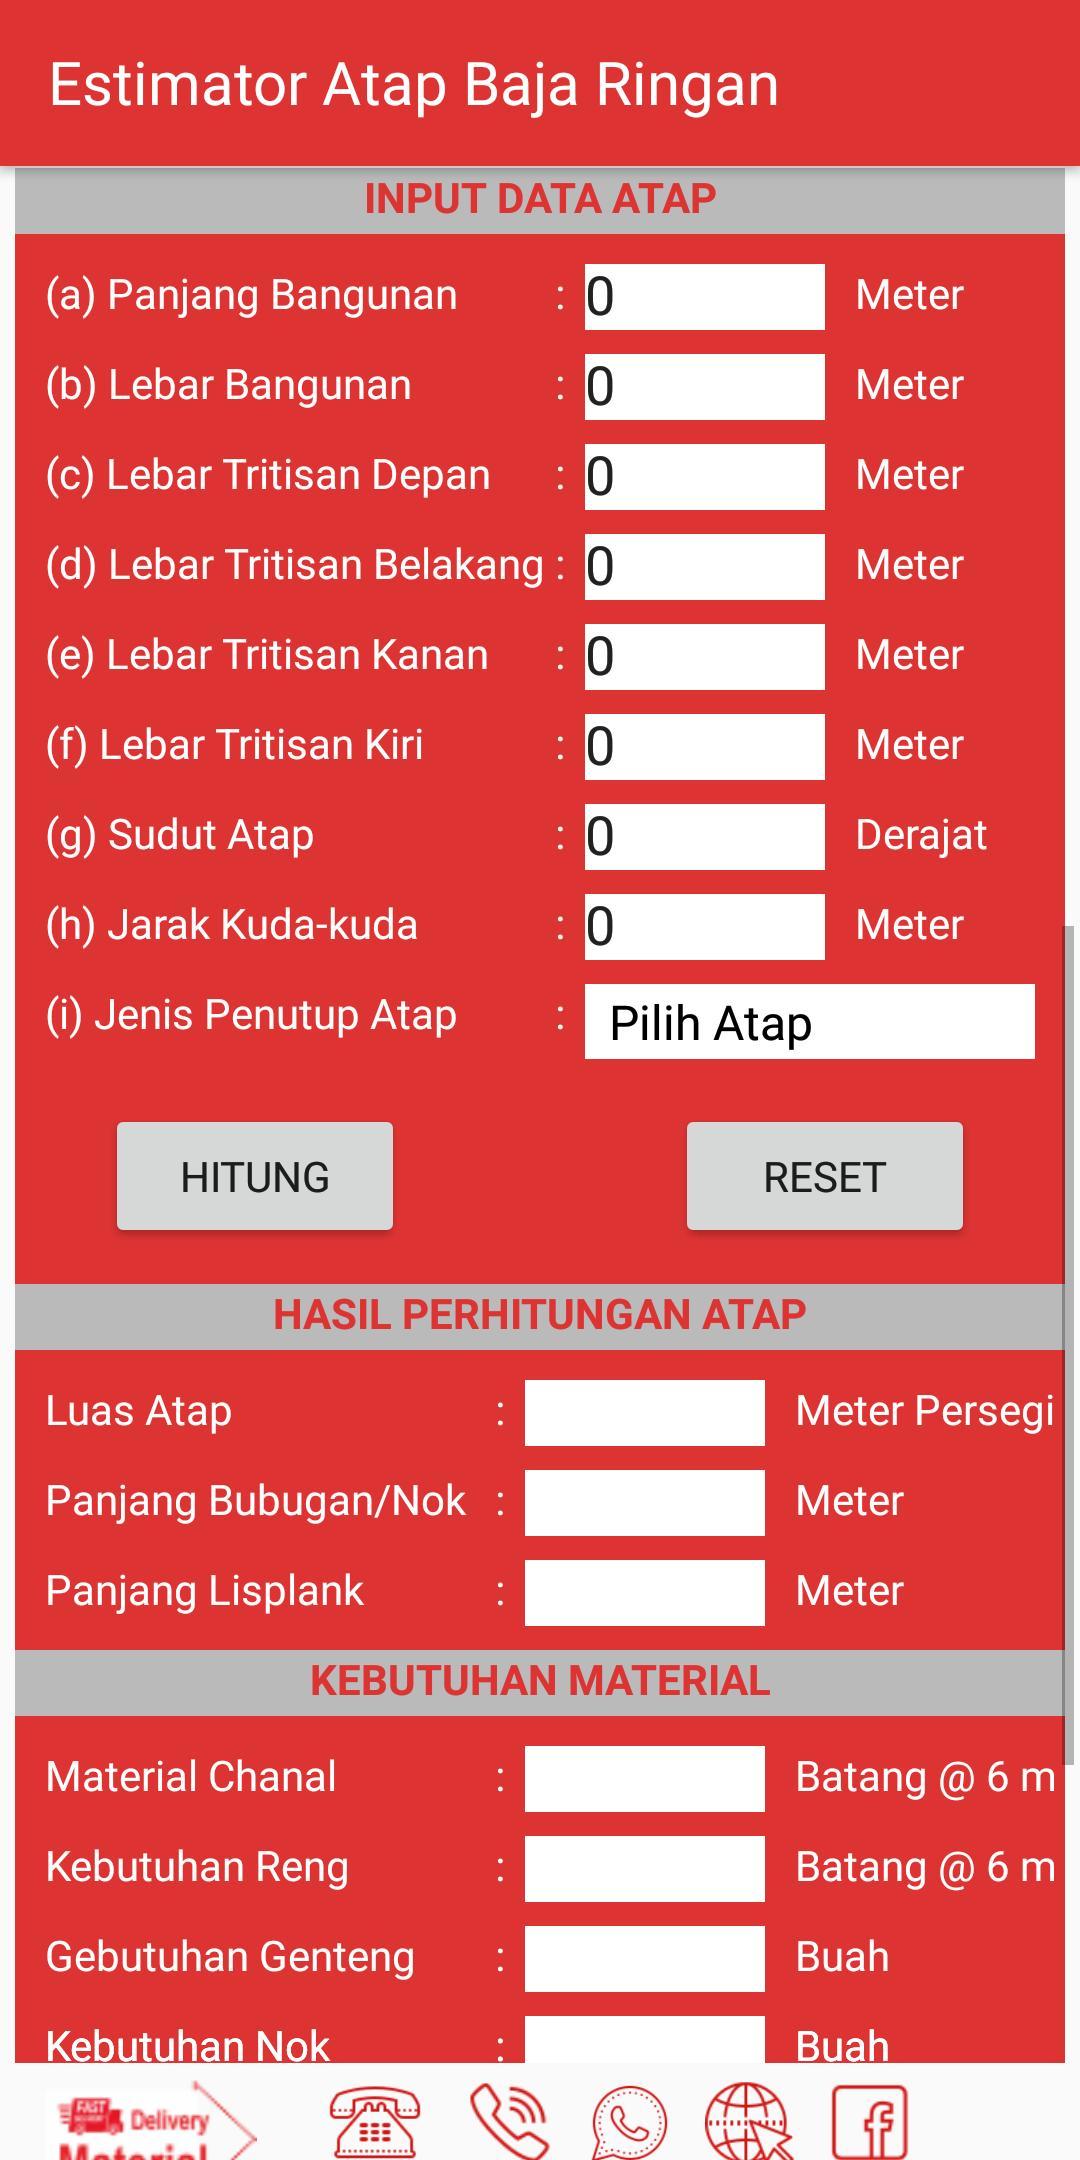 Estimator Atap Baja Ringan For Android Apk Download